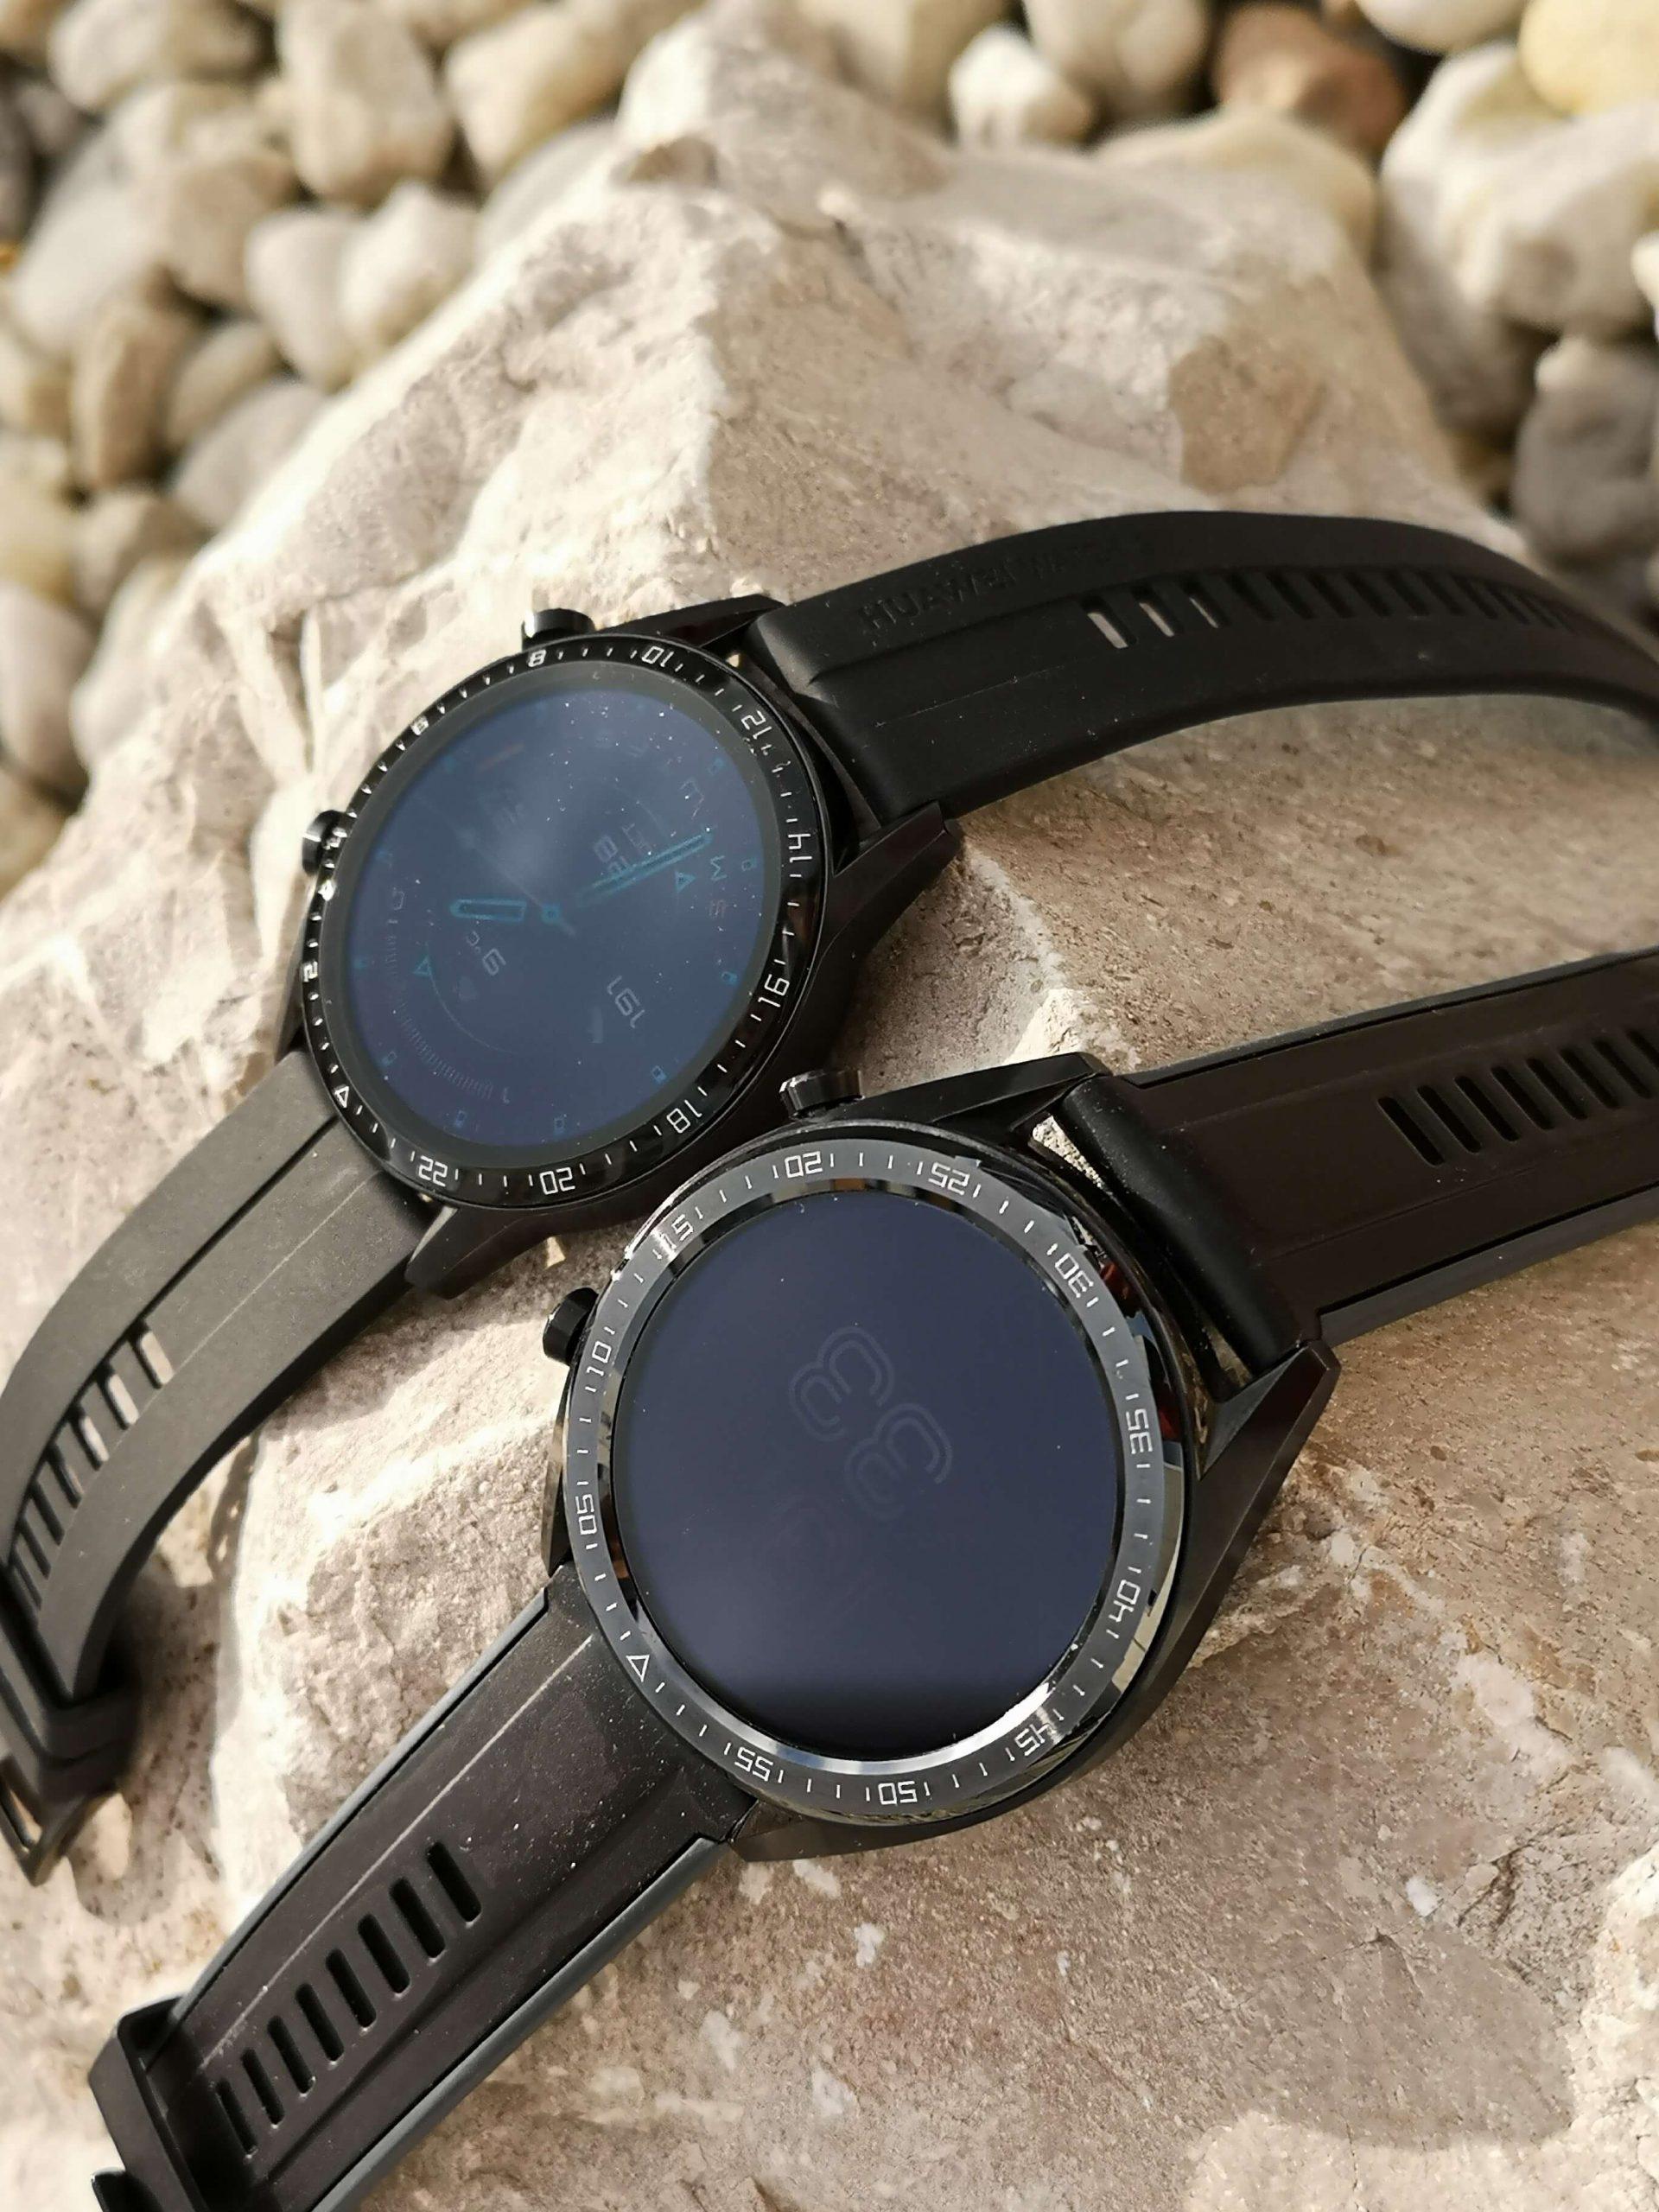 Huawei Watch GT 2 vs Huawei Watch GT